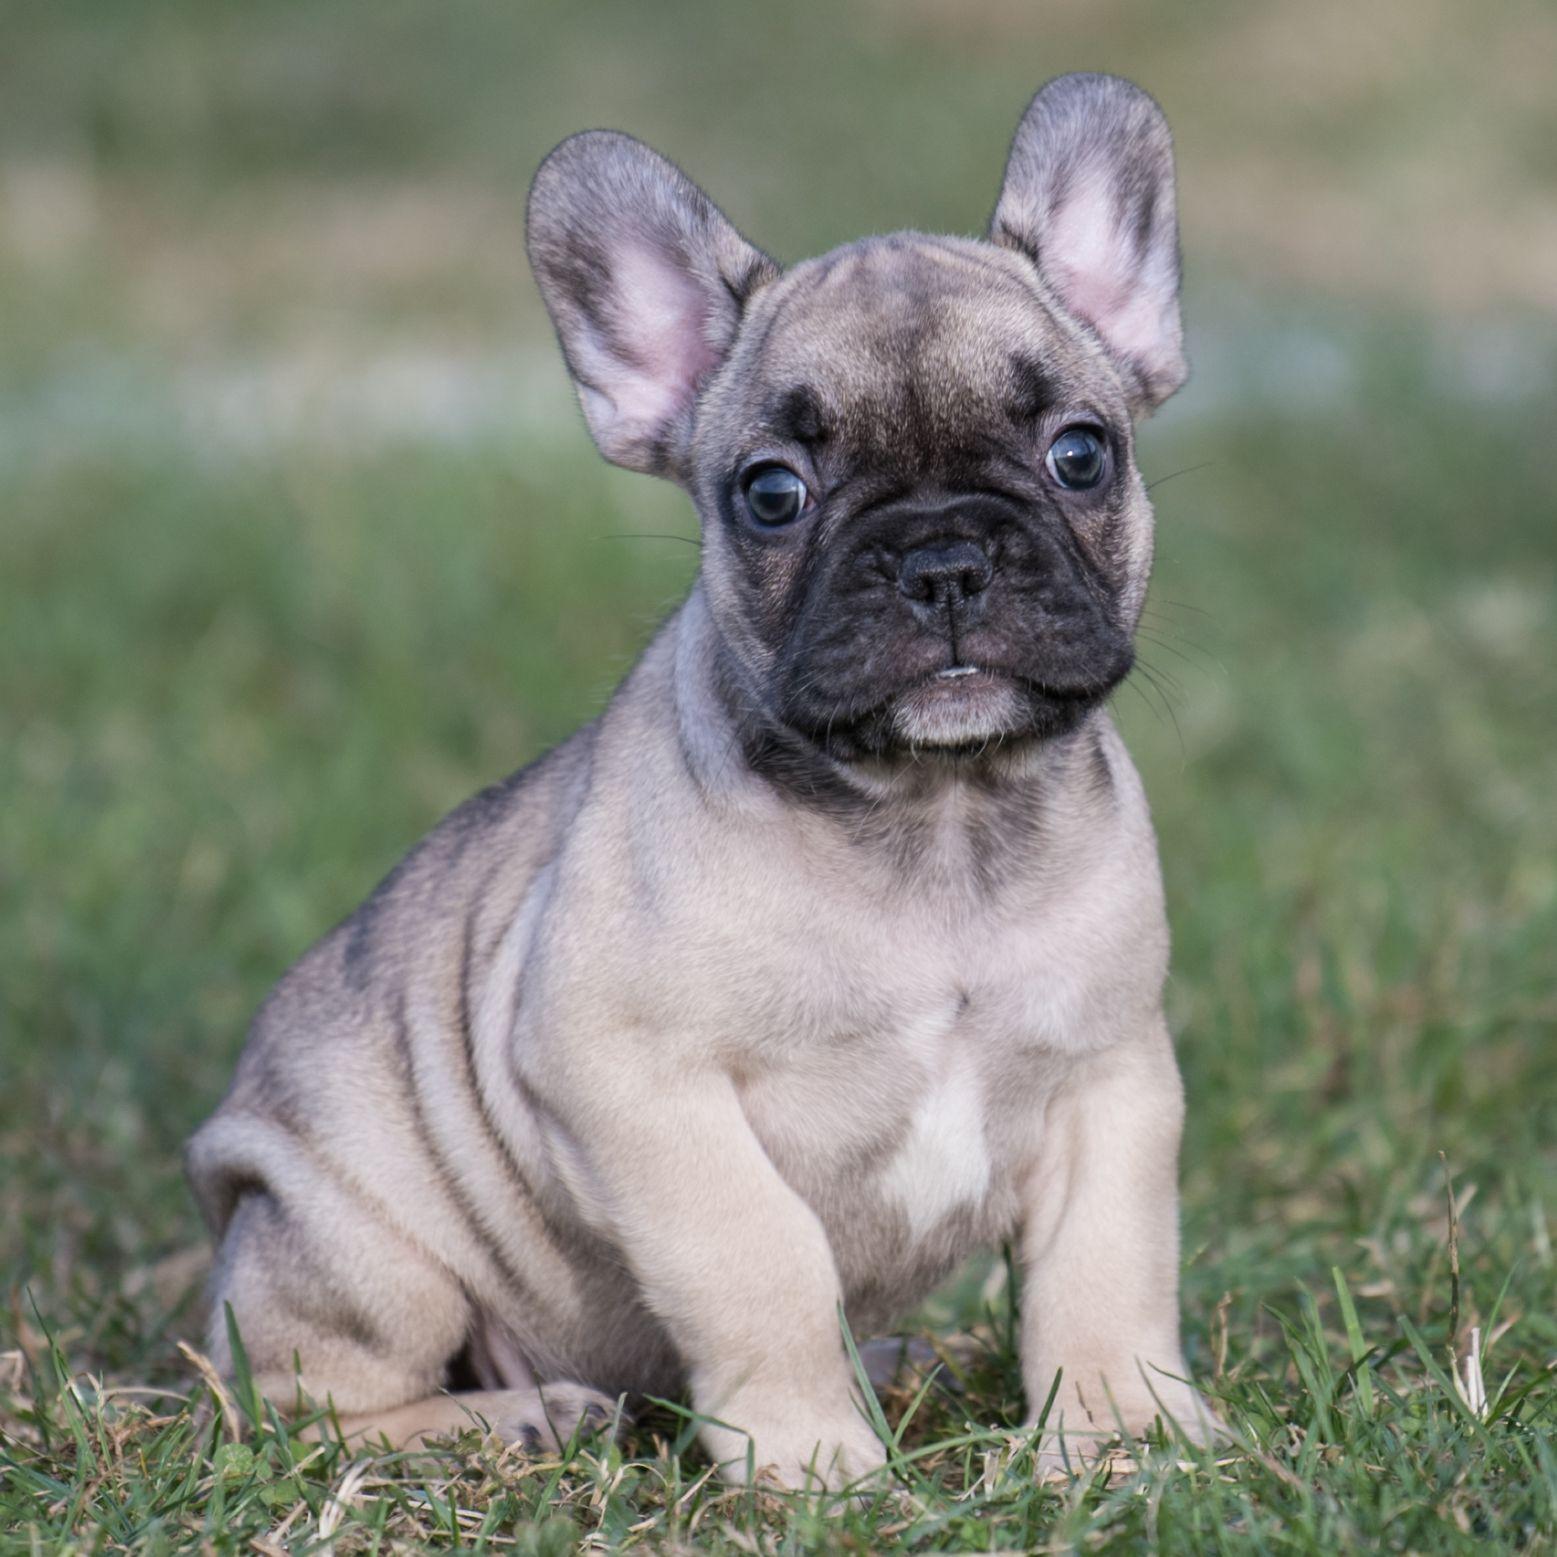 Friendly Frenchbulldog French Bulldog Puppies Puppies Pet Camera